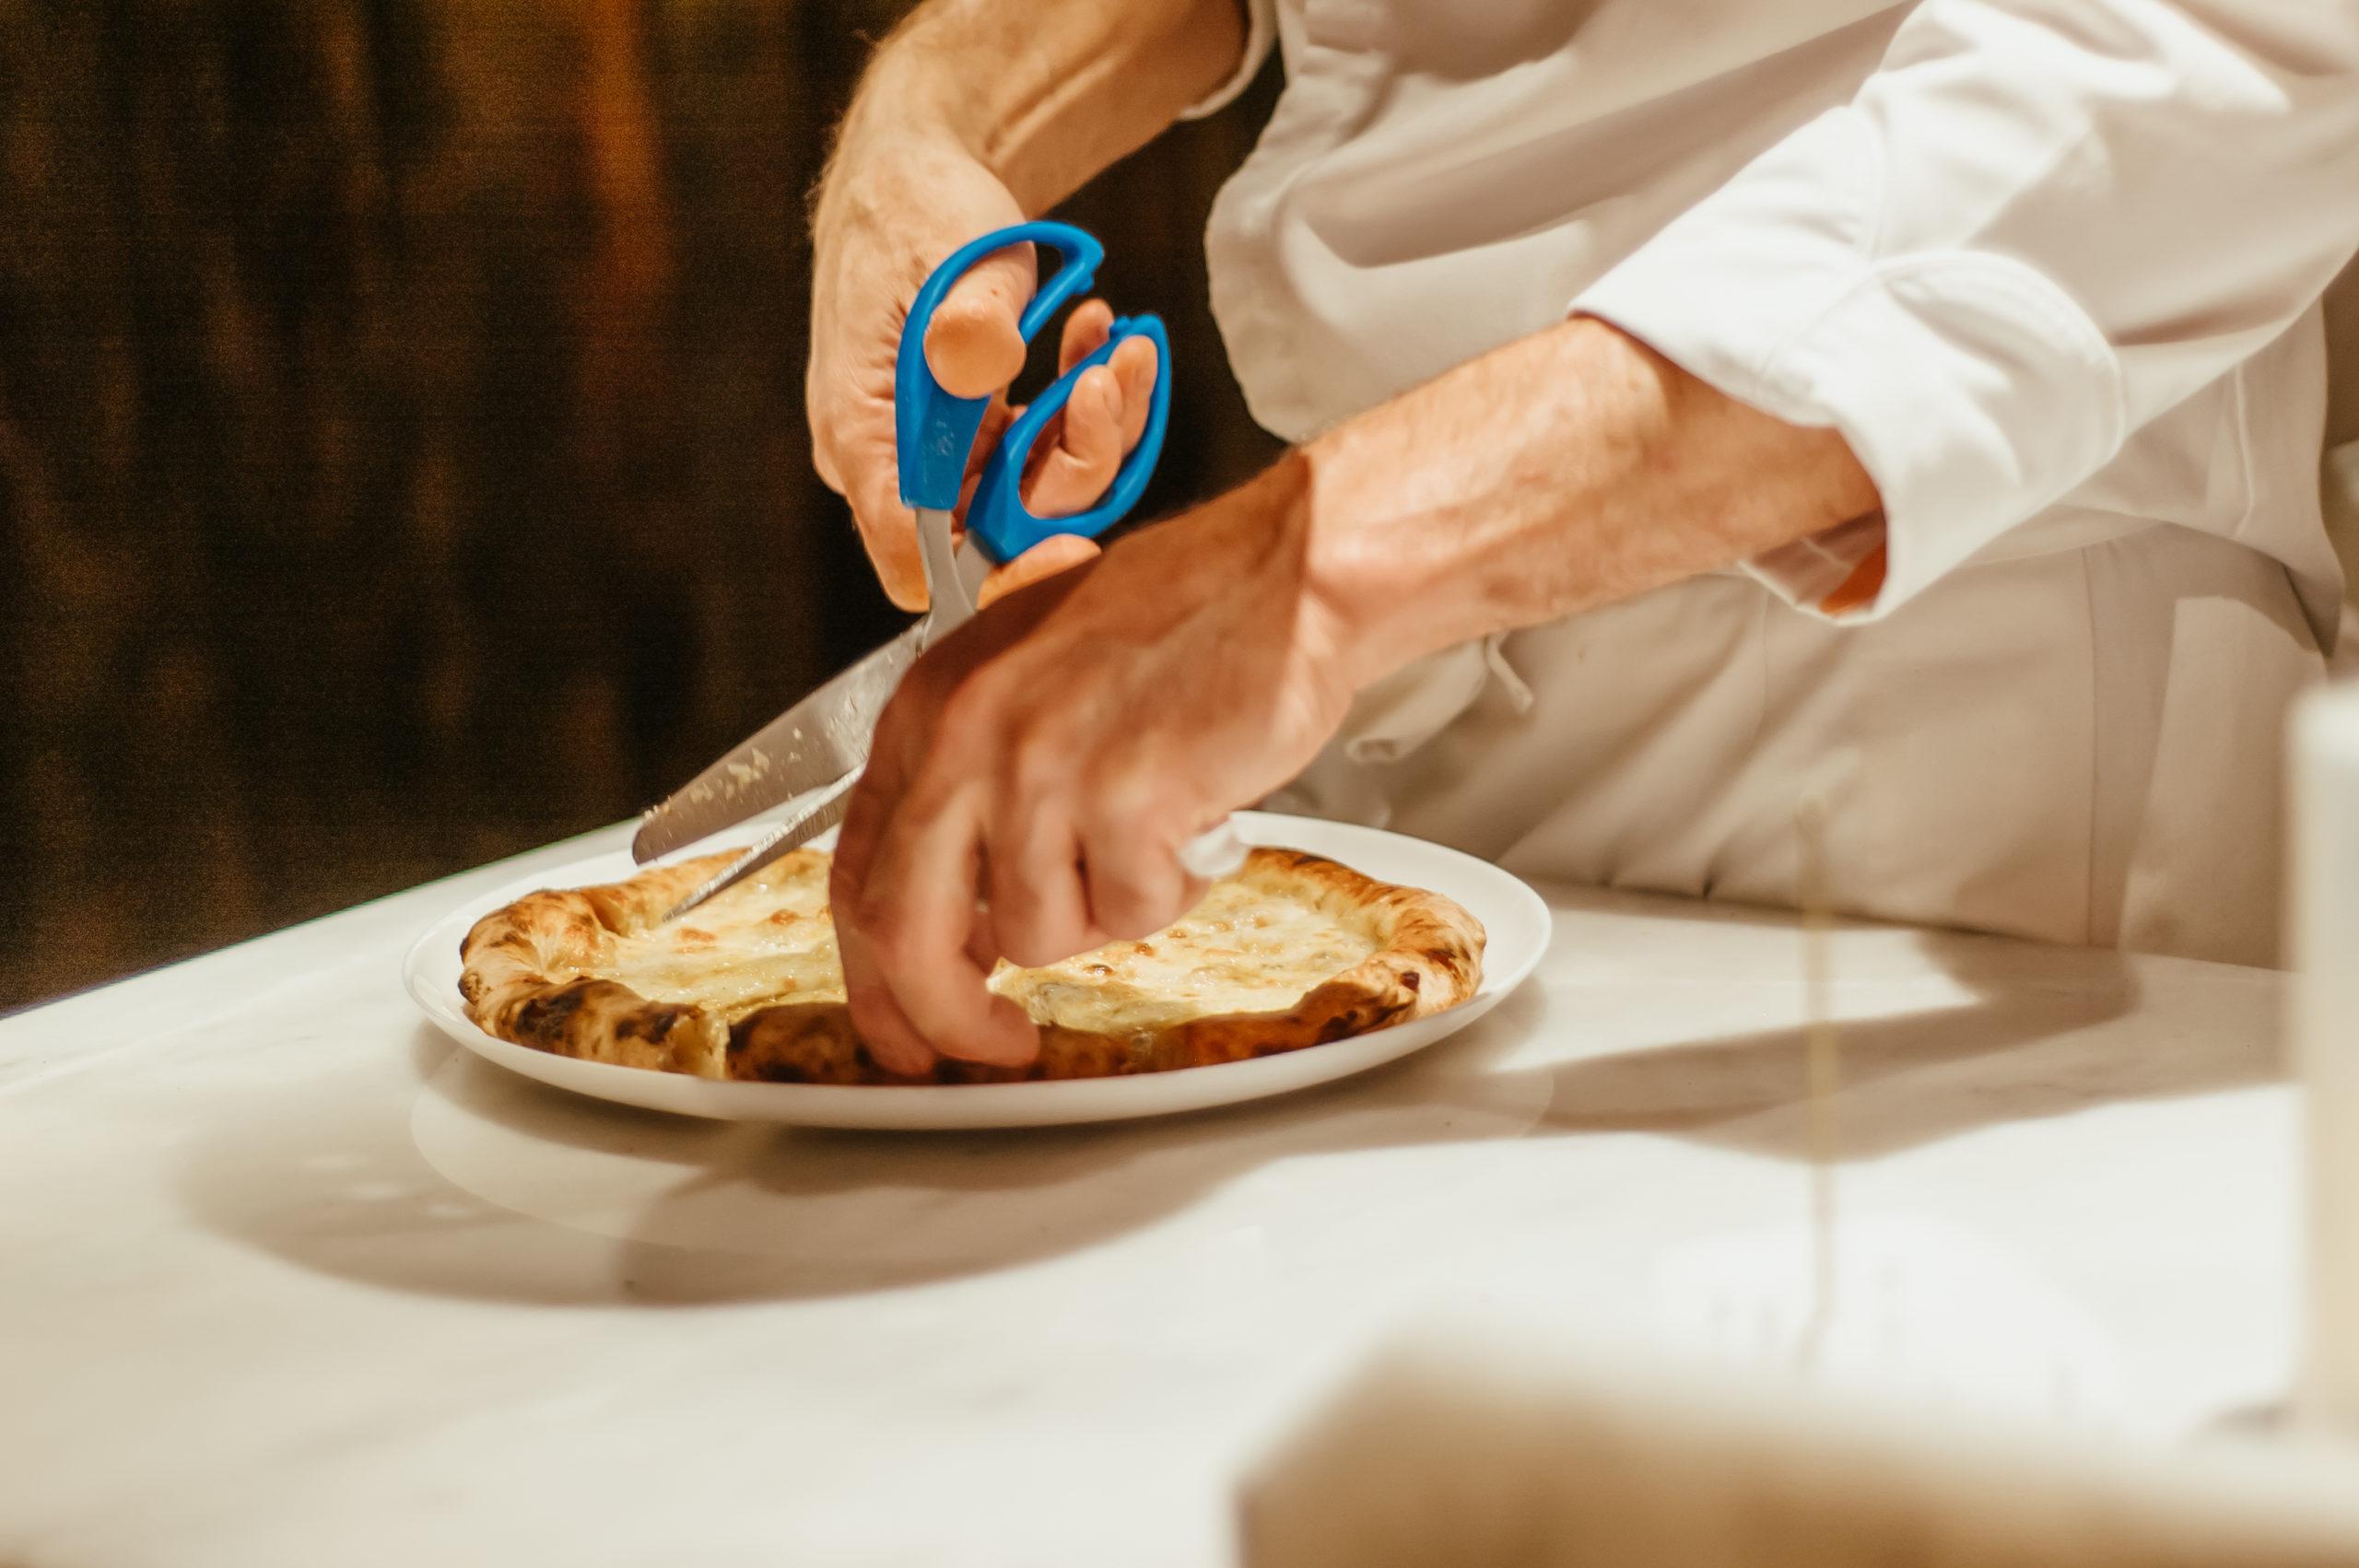 Тест: какой из тебя ученик итальянского шеф-повара - 8 зображення